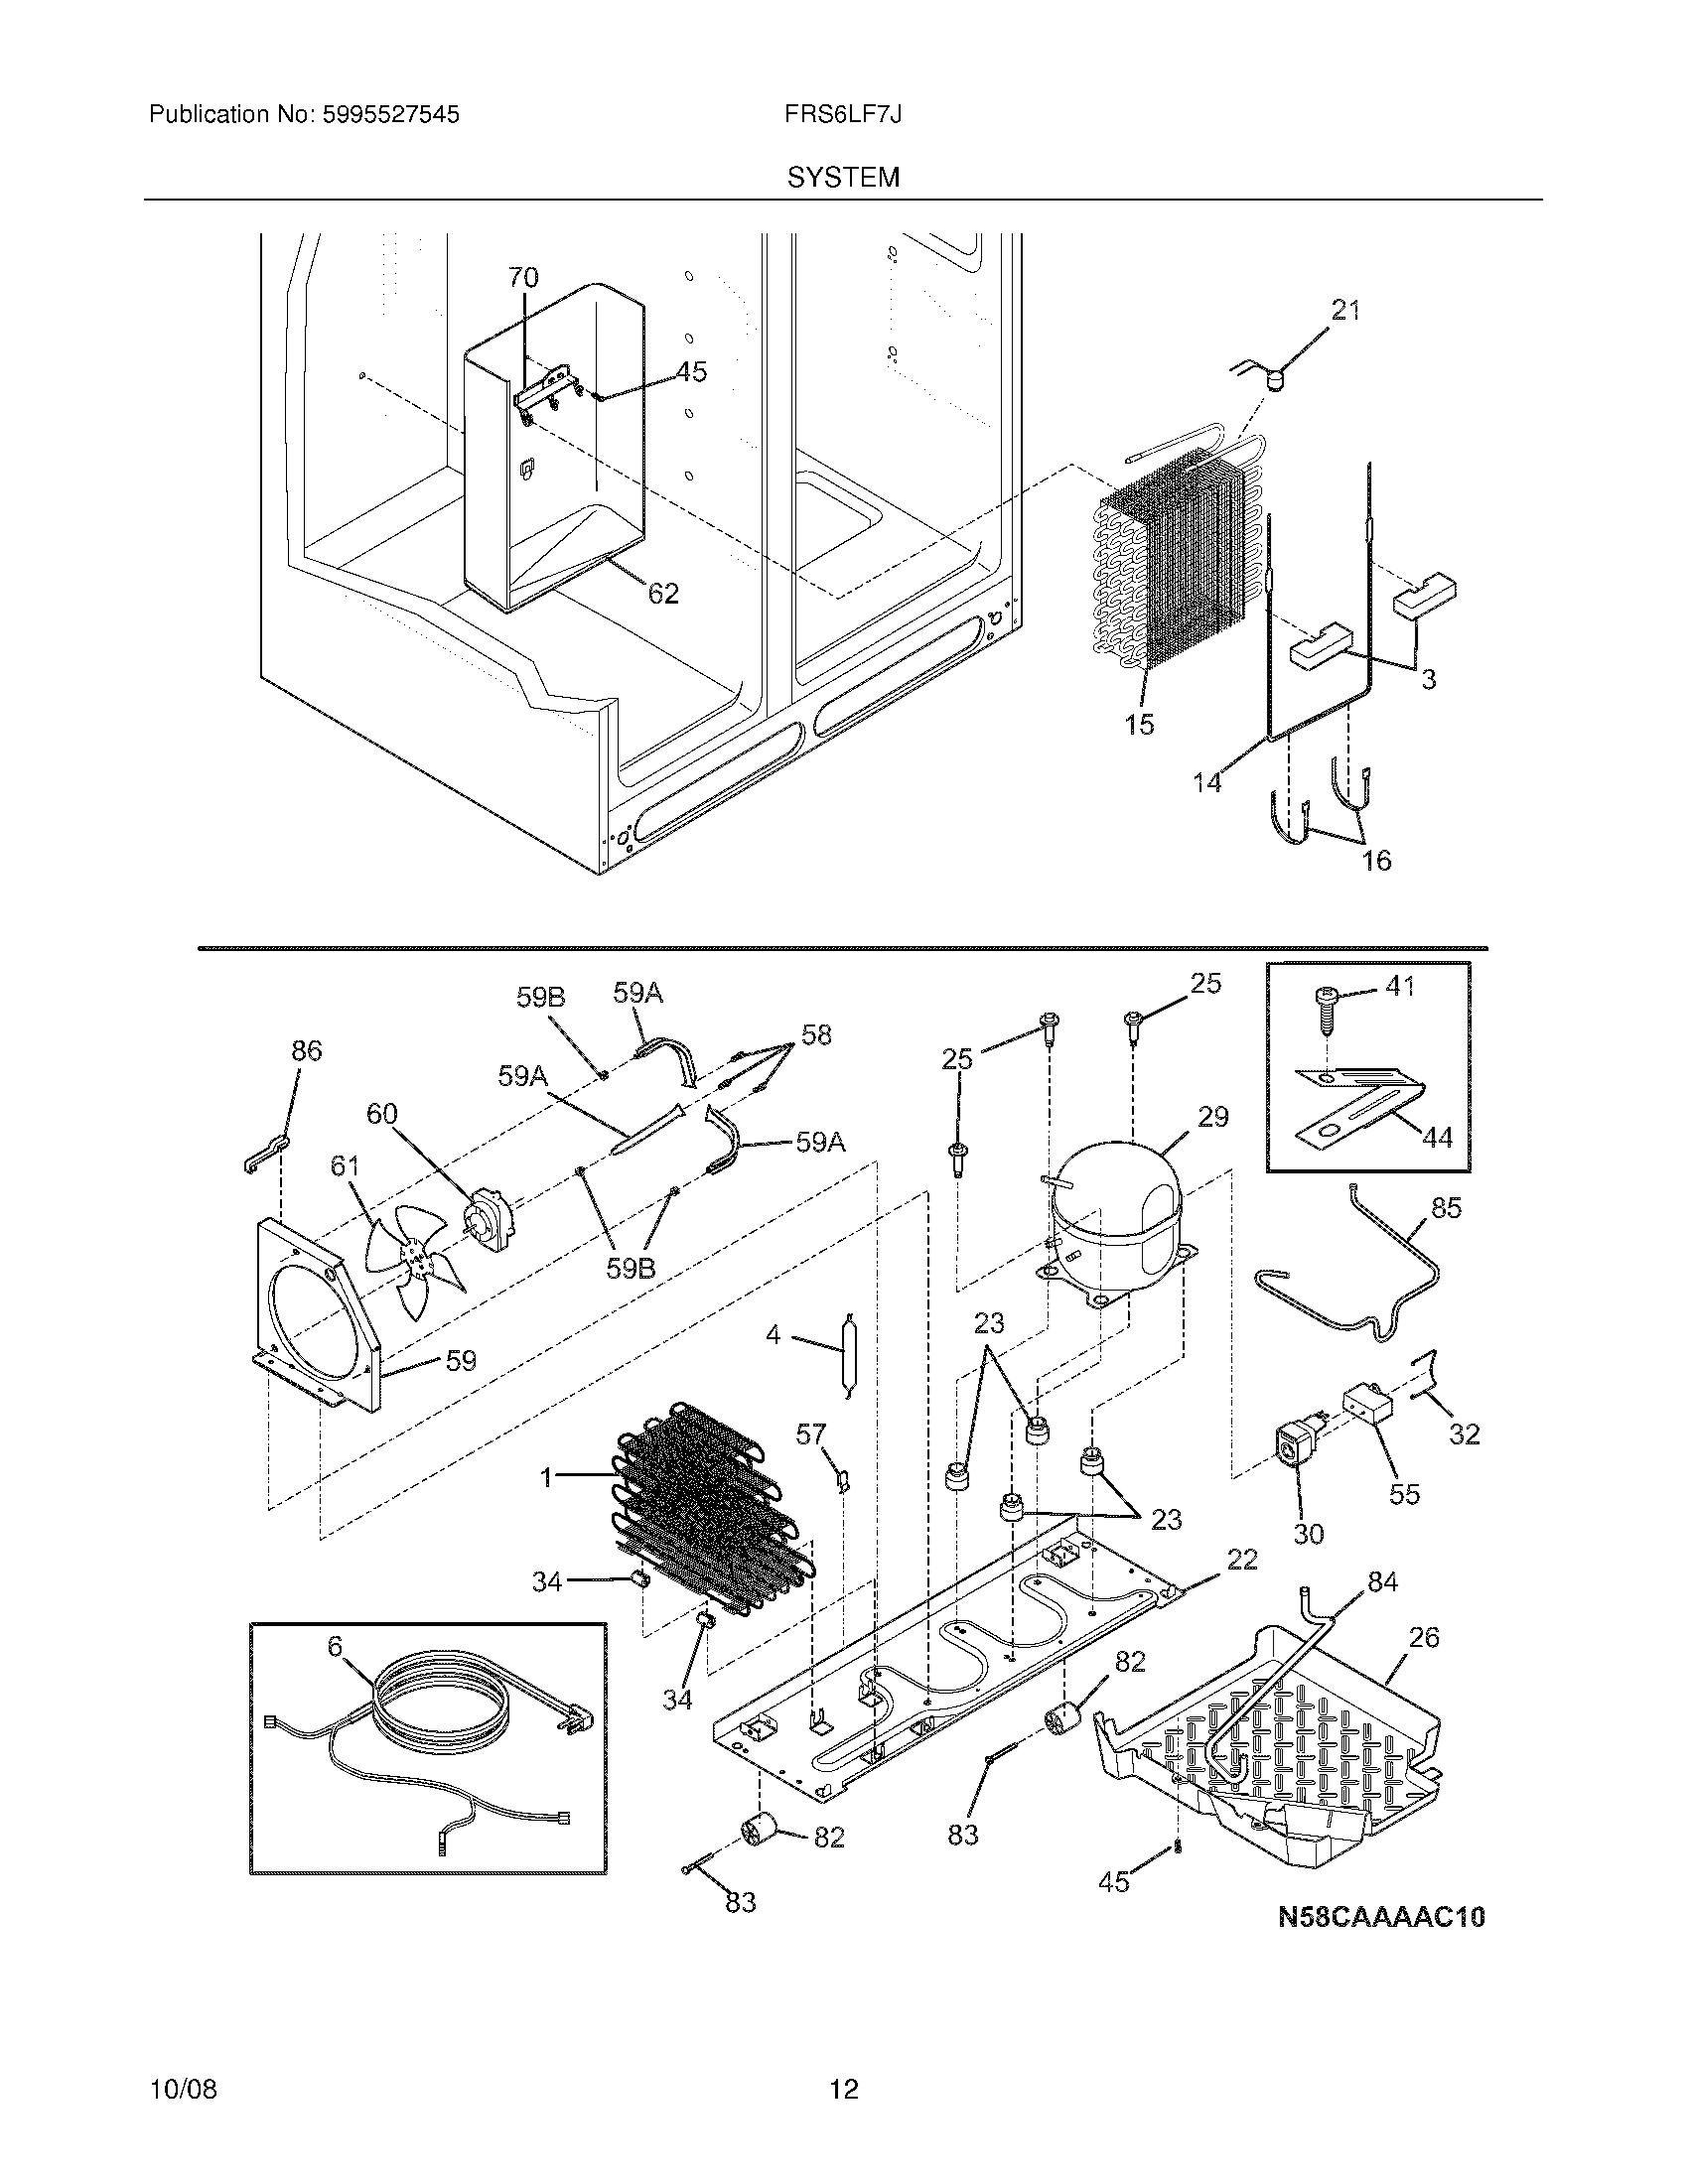 kenmore dryer wiring schematic kenmore elite dryer heating element Imperial Wiring Schematic kenmore elite he dryer wiring diagram images dryer along wiring diagram on kenmore dryer parts diagram